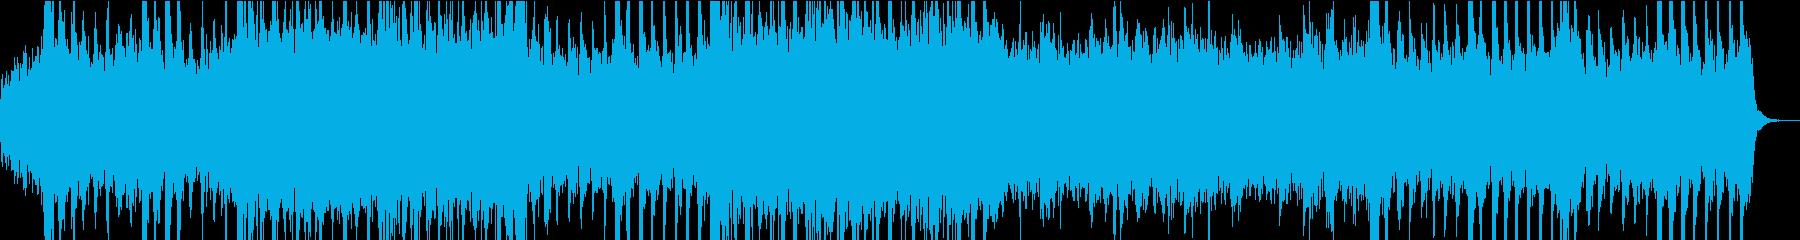 ドラマチック オーケストラ01 劇伴等の再生済みの波形